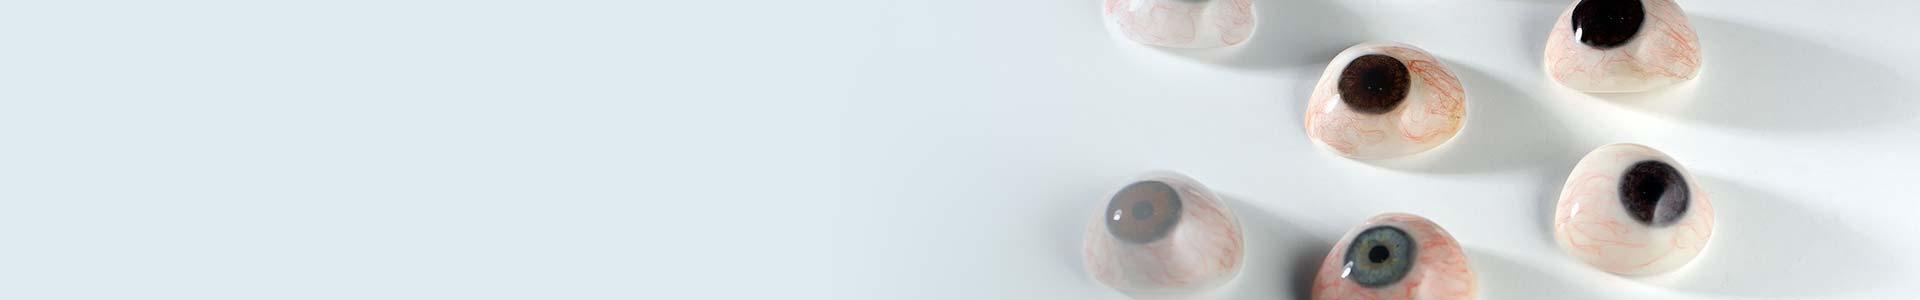 prótesis ocular personalizada